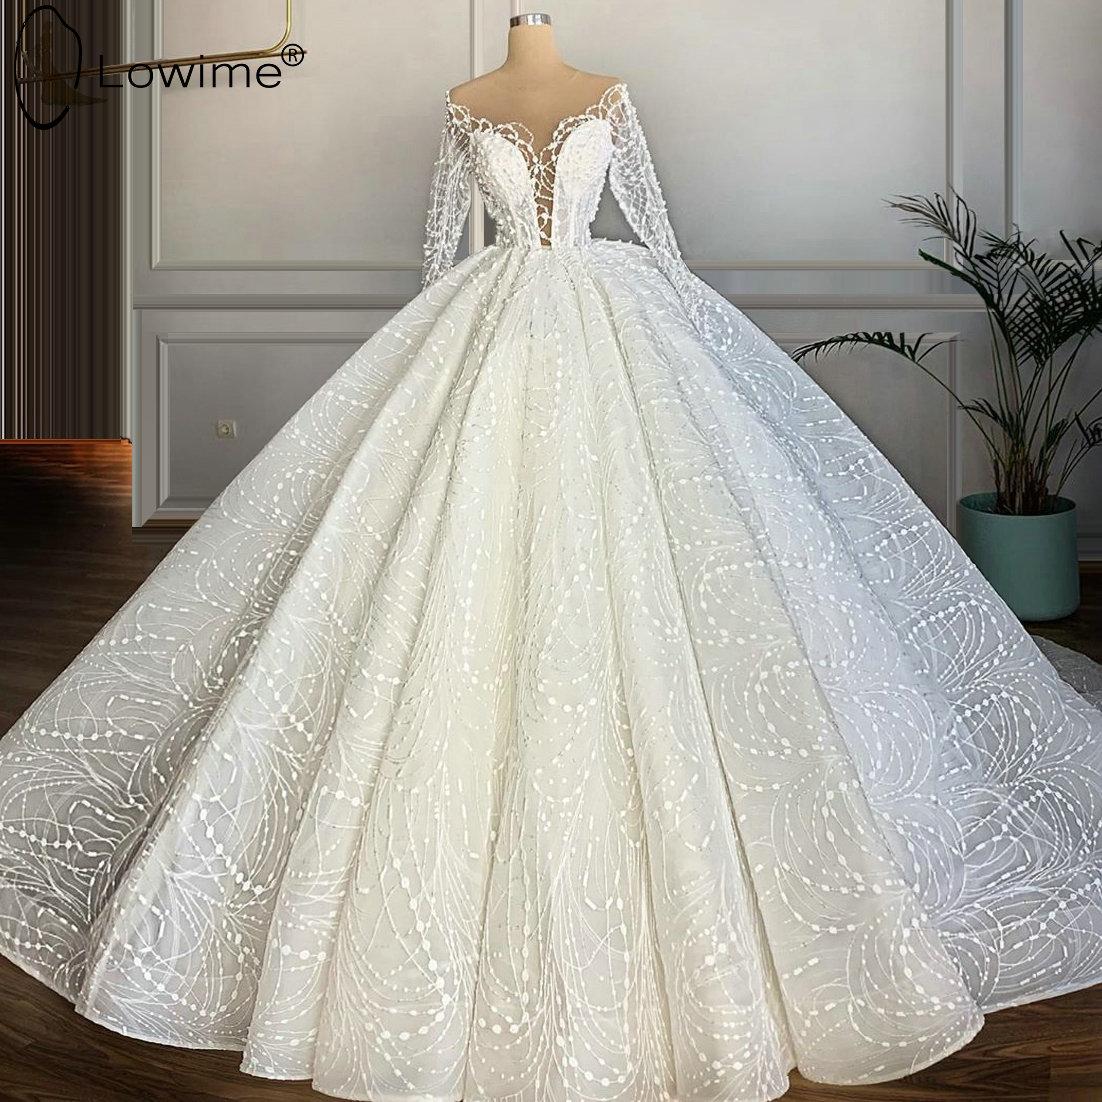 Dubai Long Sleeve Lace Wedding Dresses 2020 Sheer O Neck Puffy Ball Gown Floor Length Bridal Gowns Vestido De Novias Mega Offer 3259dc Cicig